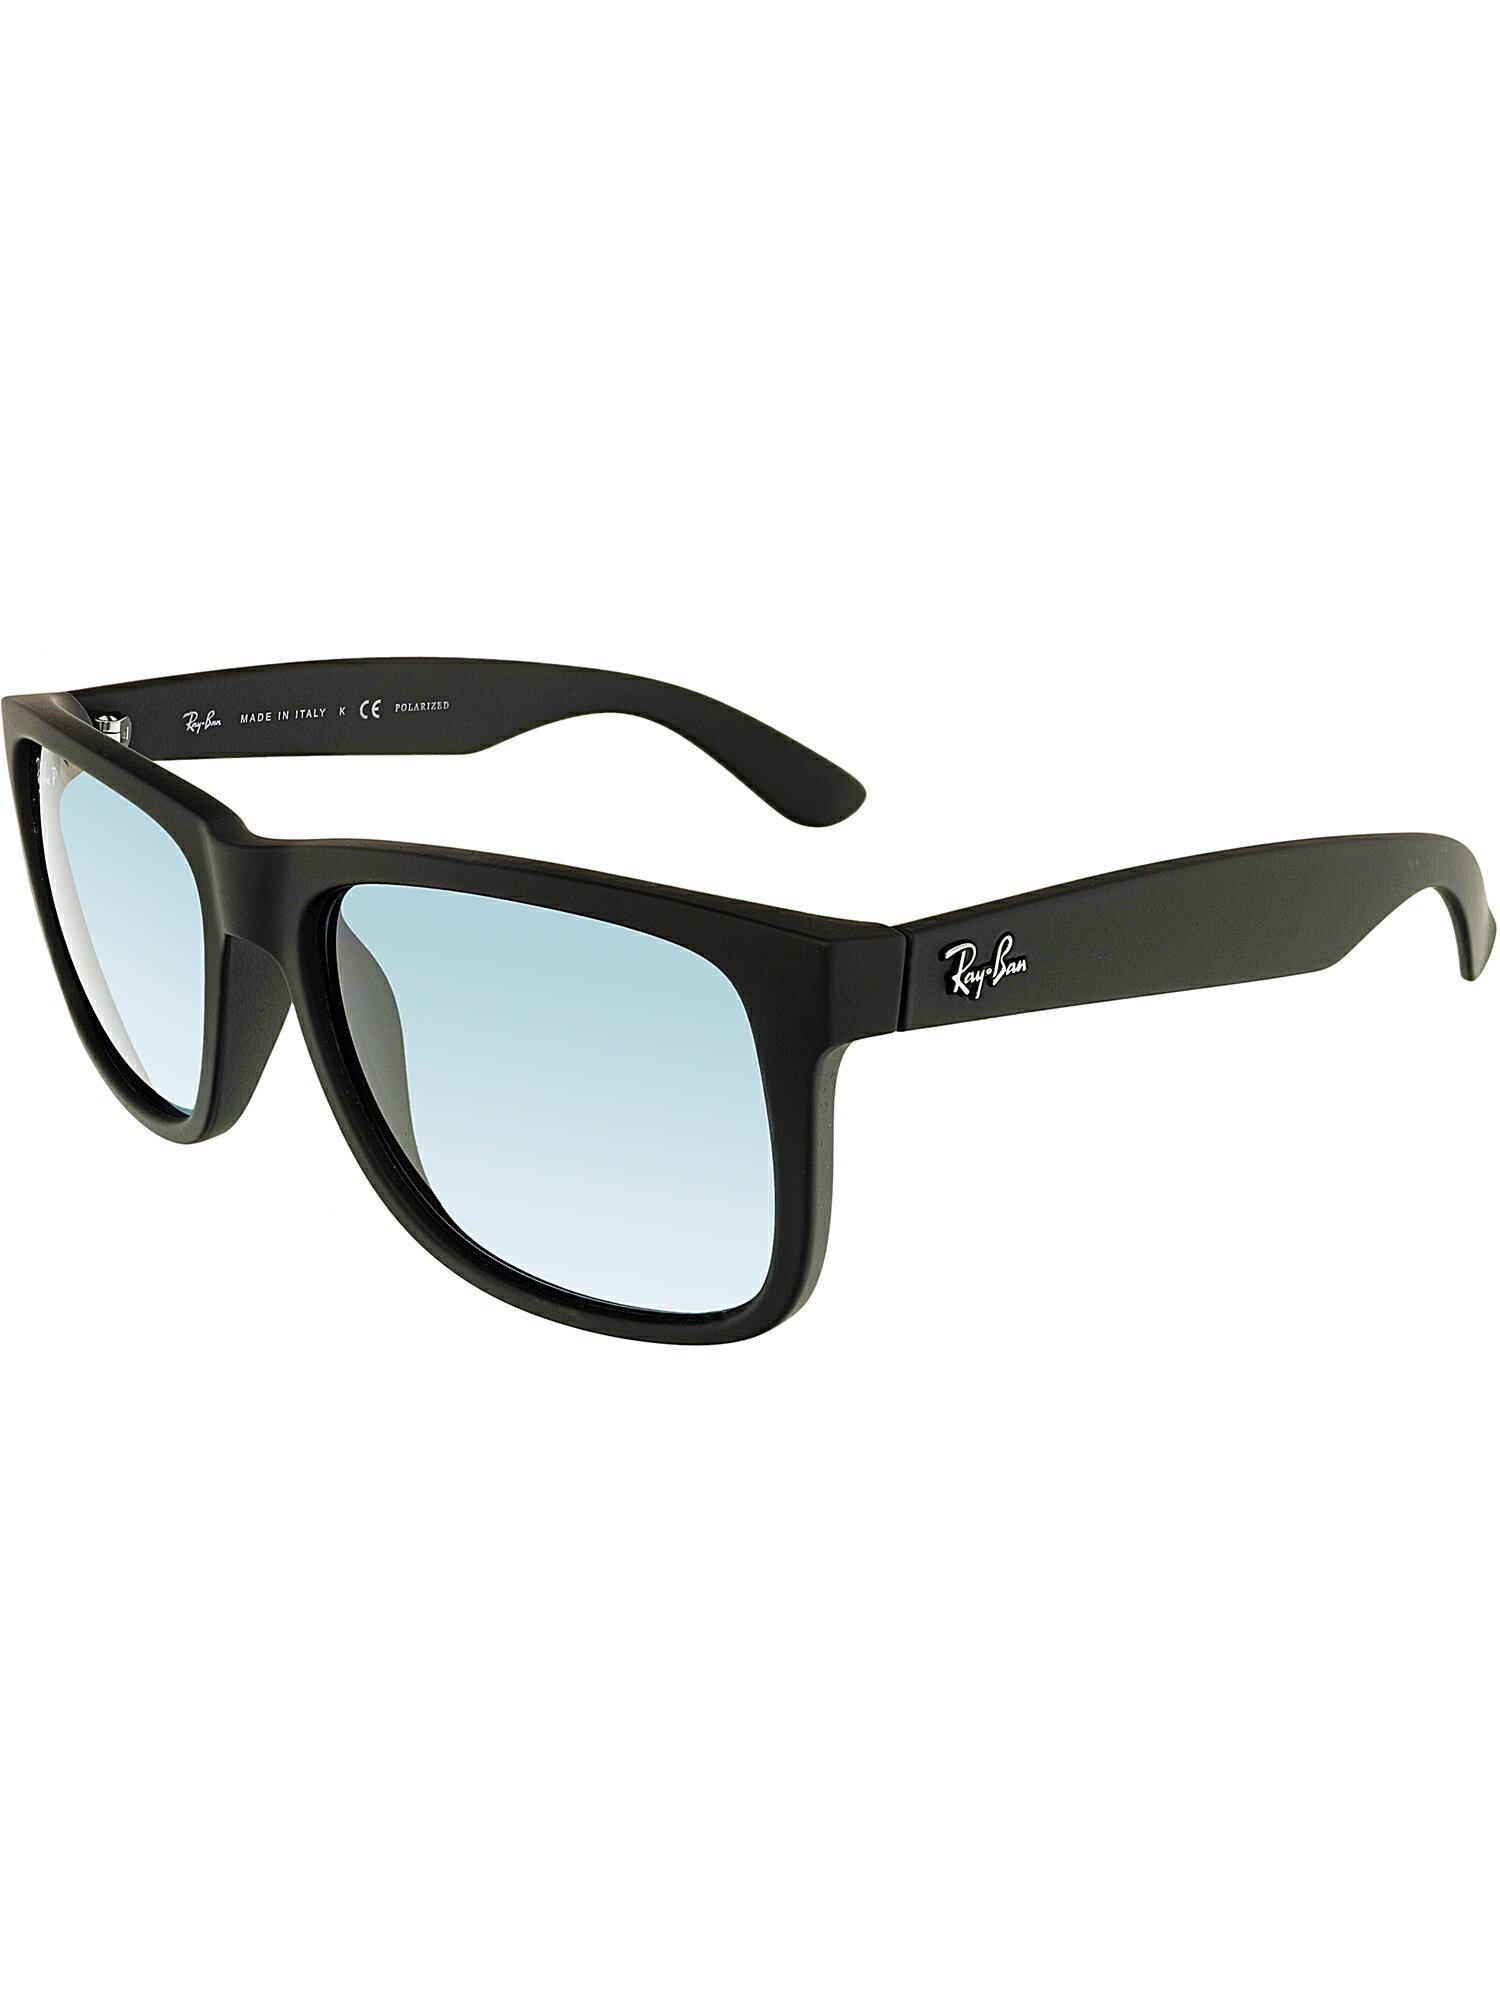 Ray-Ban Men s Polarized Justin RB4165-622 2V-54 Black Square Sunglasses 6dd6583e71c2